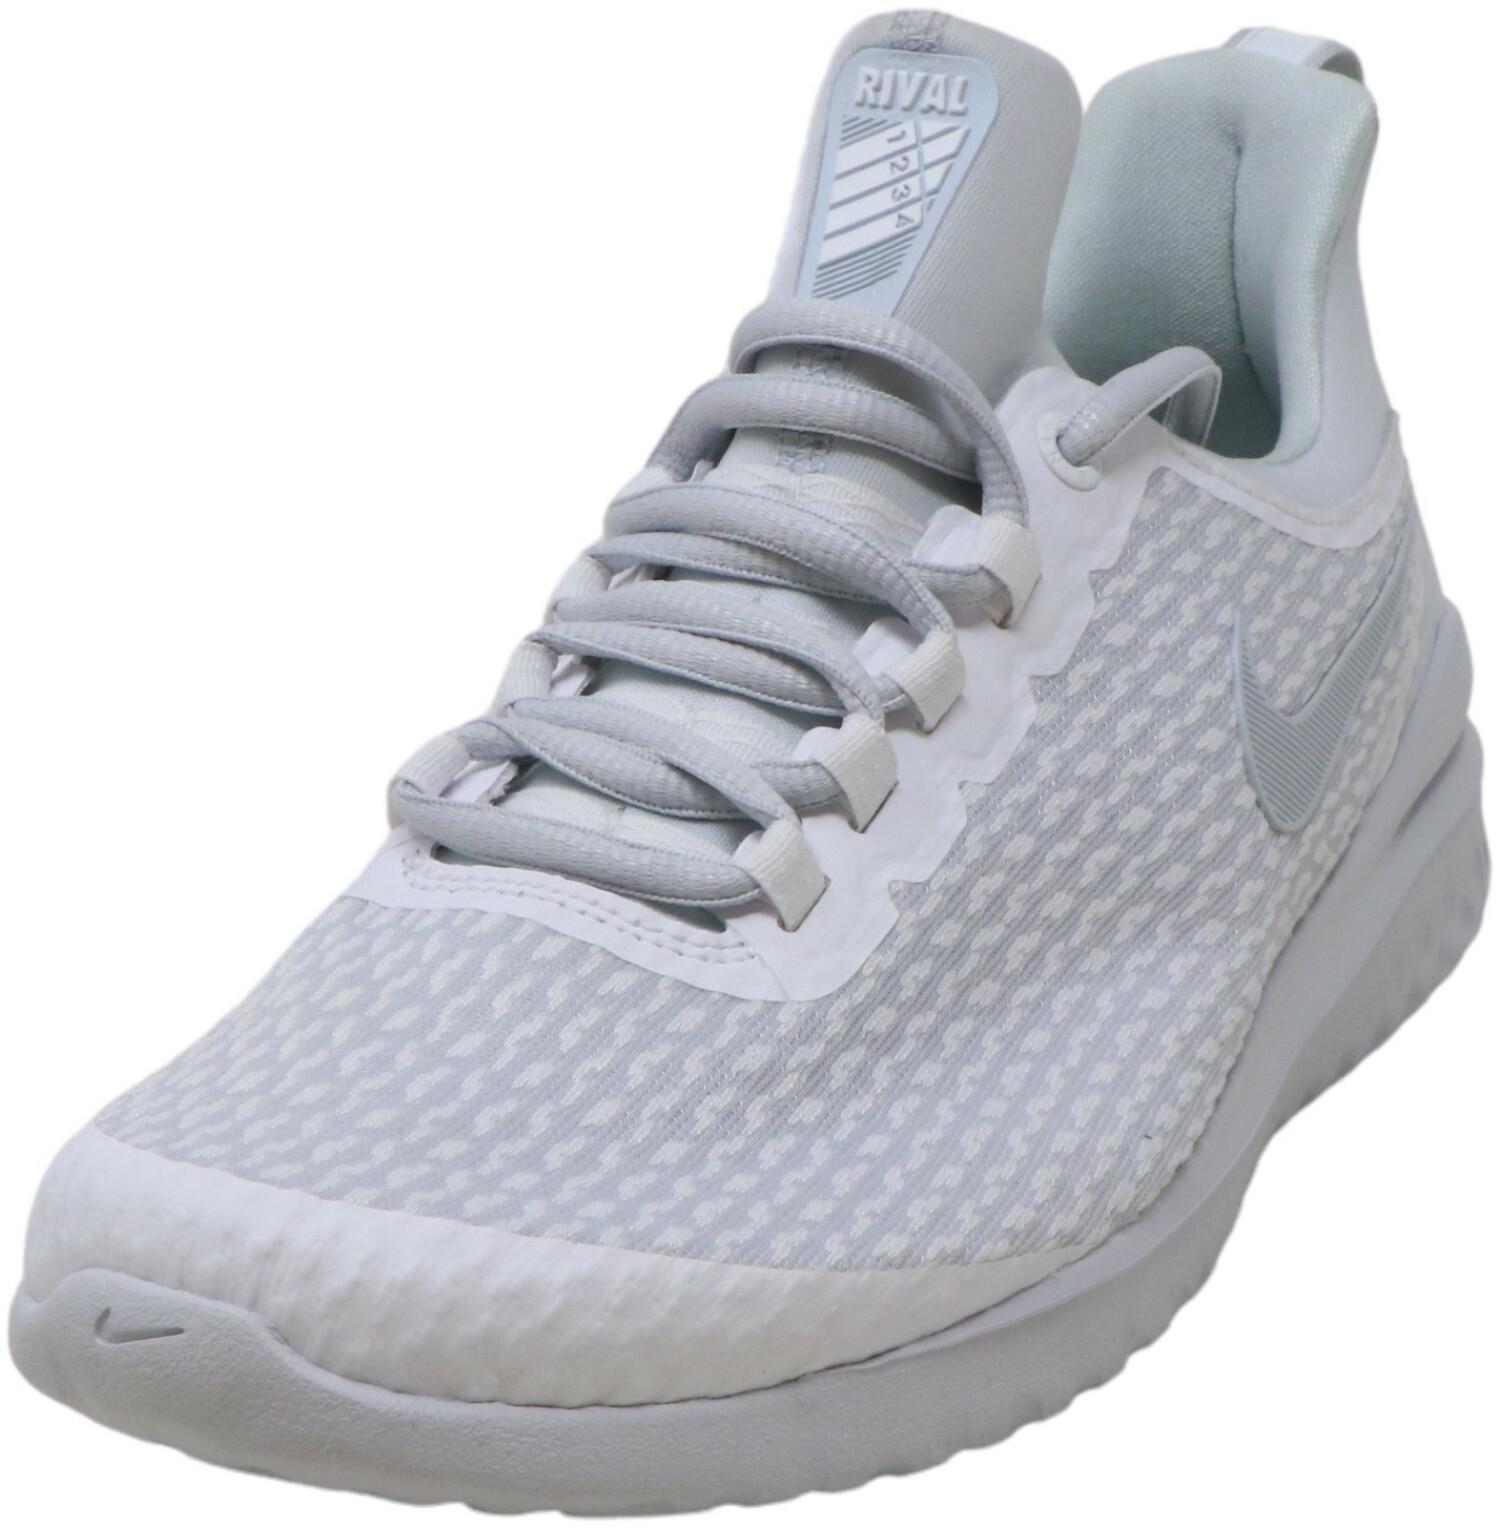 Nike Women's Aa7411 100 Low Top Mesh Running - 8.5M